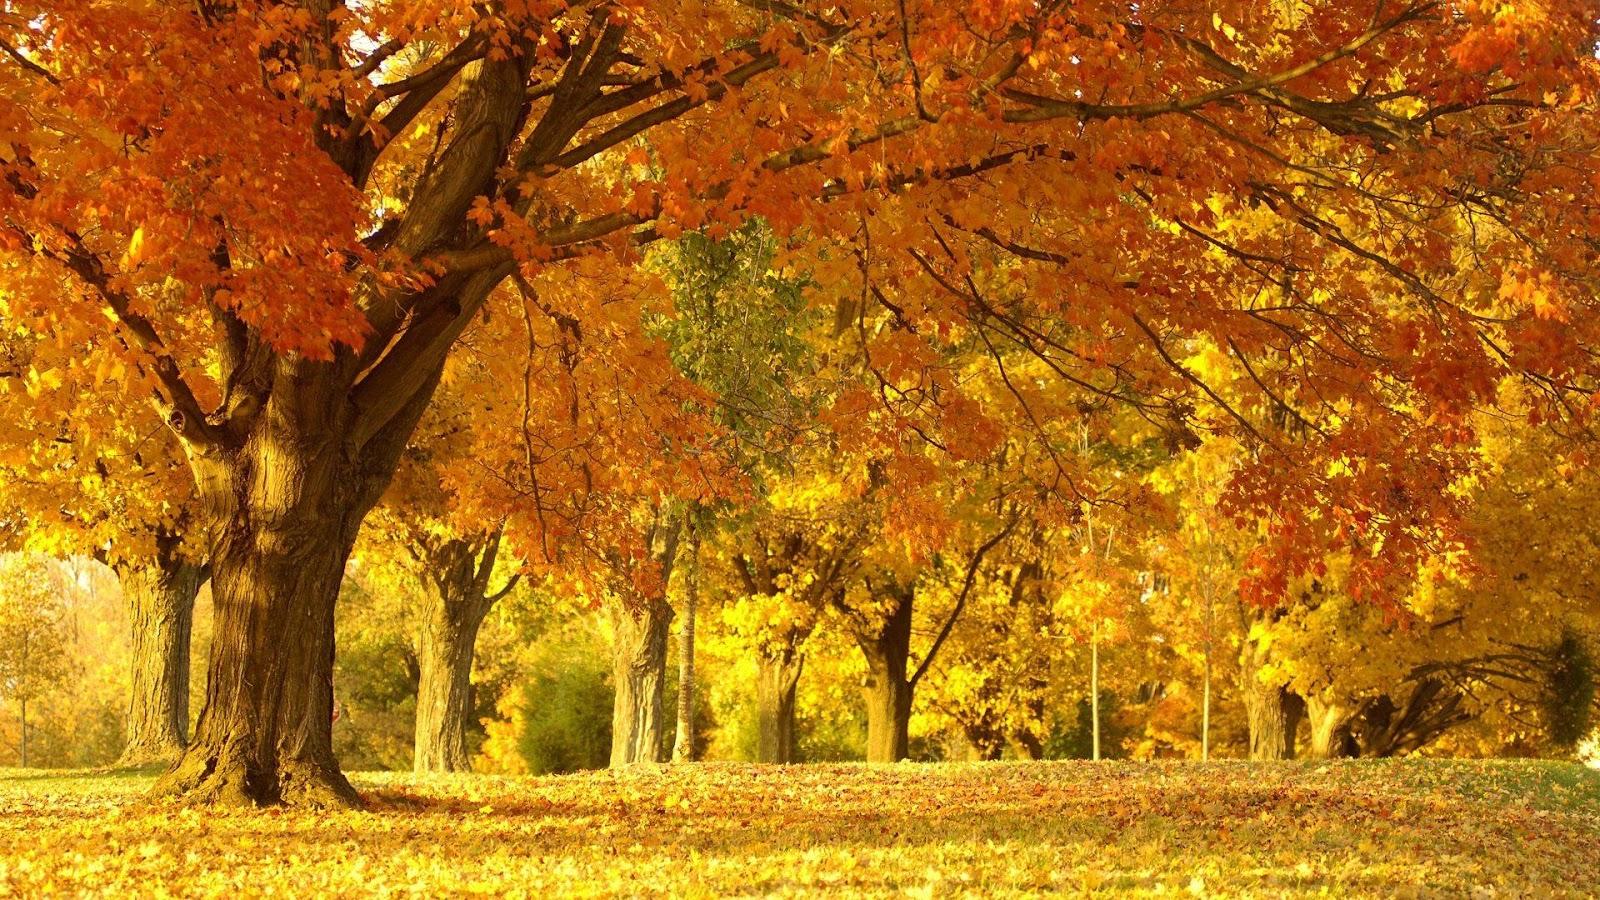 http://3.bp.blogspot.com/-mDNzrwYSnUw/URwJddsZOVI/AAAAAAAAGlc/XF3dVQlUysE/s1600/Walpaper+pemandangan+alam.jpg